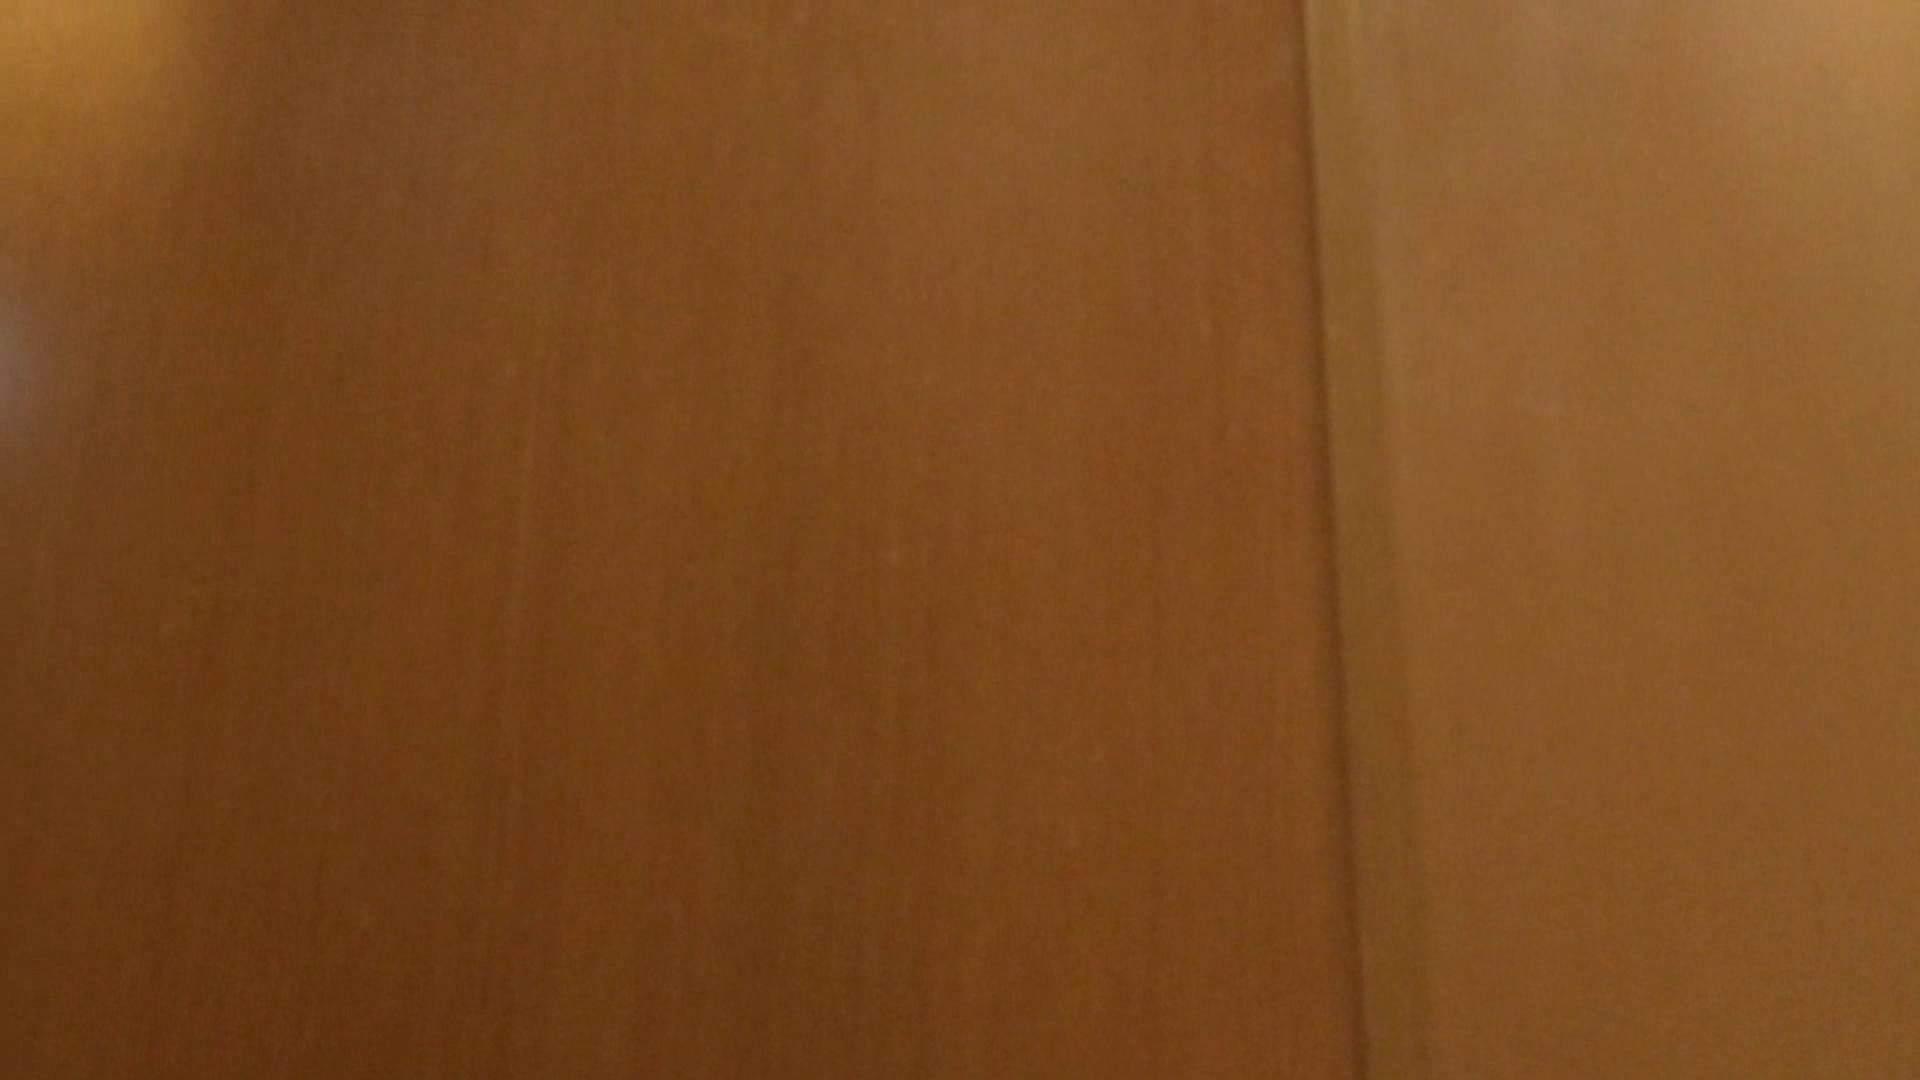 隣国化粧室下から御免!! No.02 洗面所  71pic 5